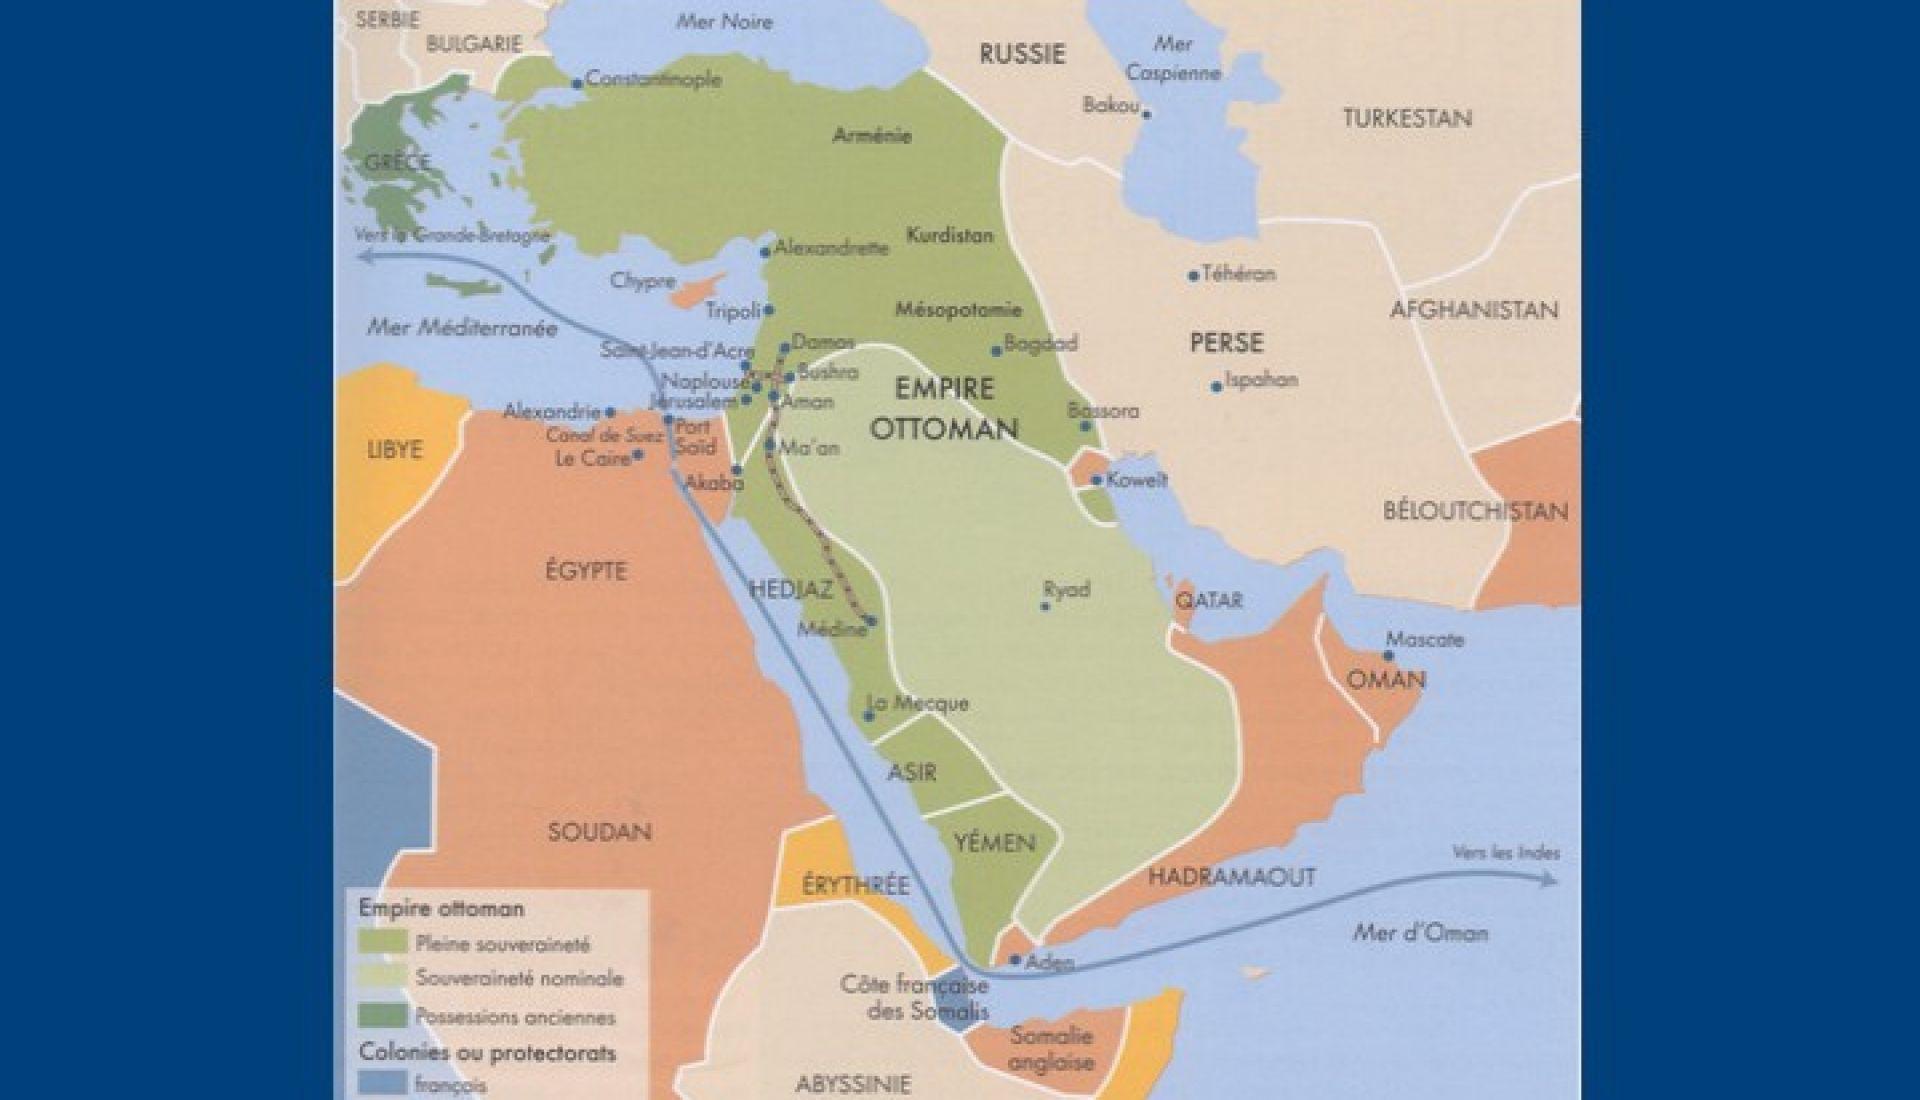 Le Moyen-Orient dominé et fracturé au lendemain de la 1ère guerre mondiale-Sunnites et Chiites au Moyen-Orient